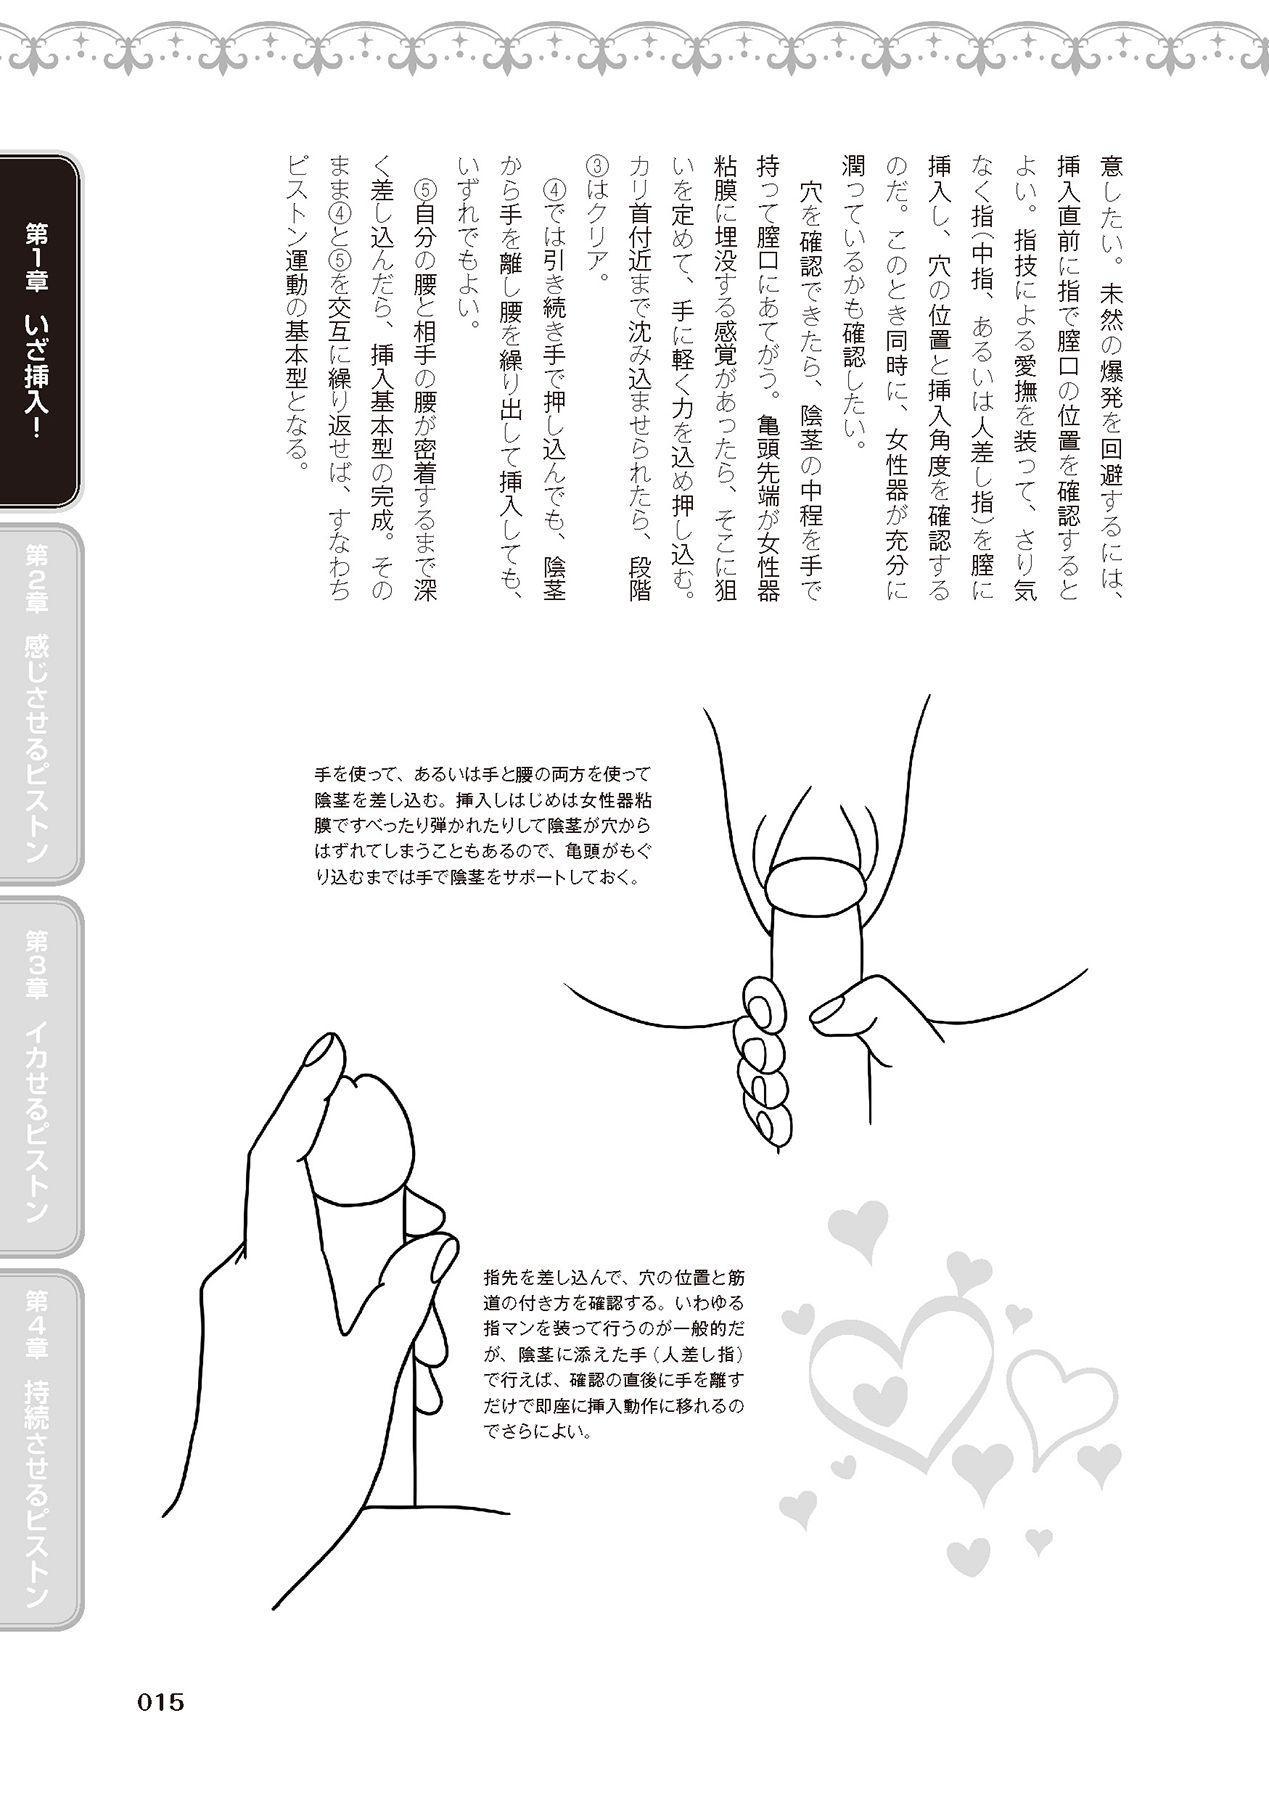 膣挿入&ピストン運動完全マニュアル イラスト版……ピスとんッ! 16